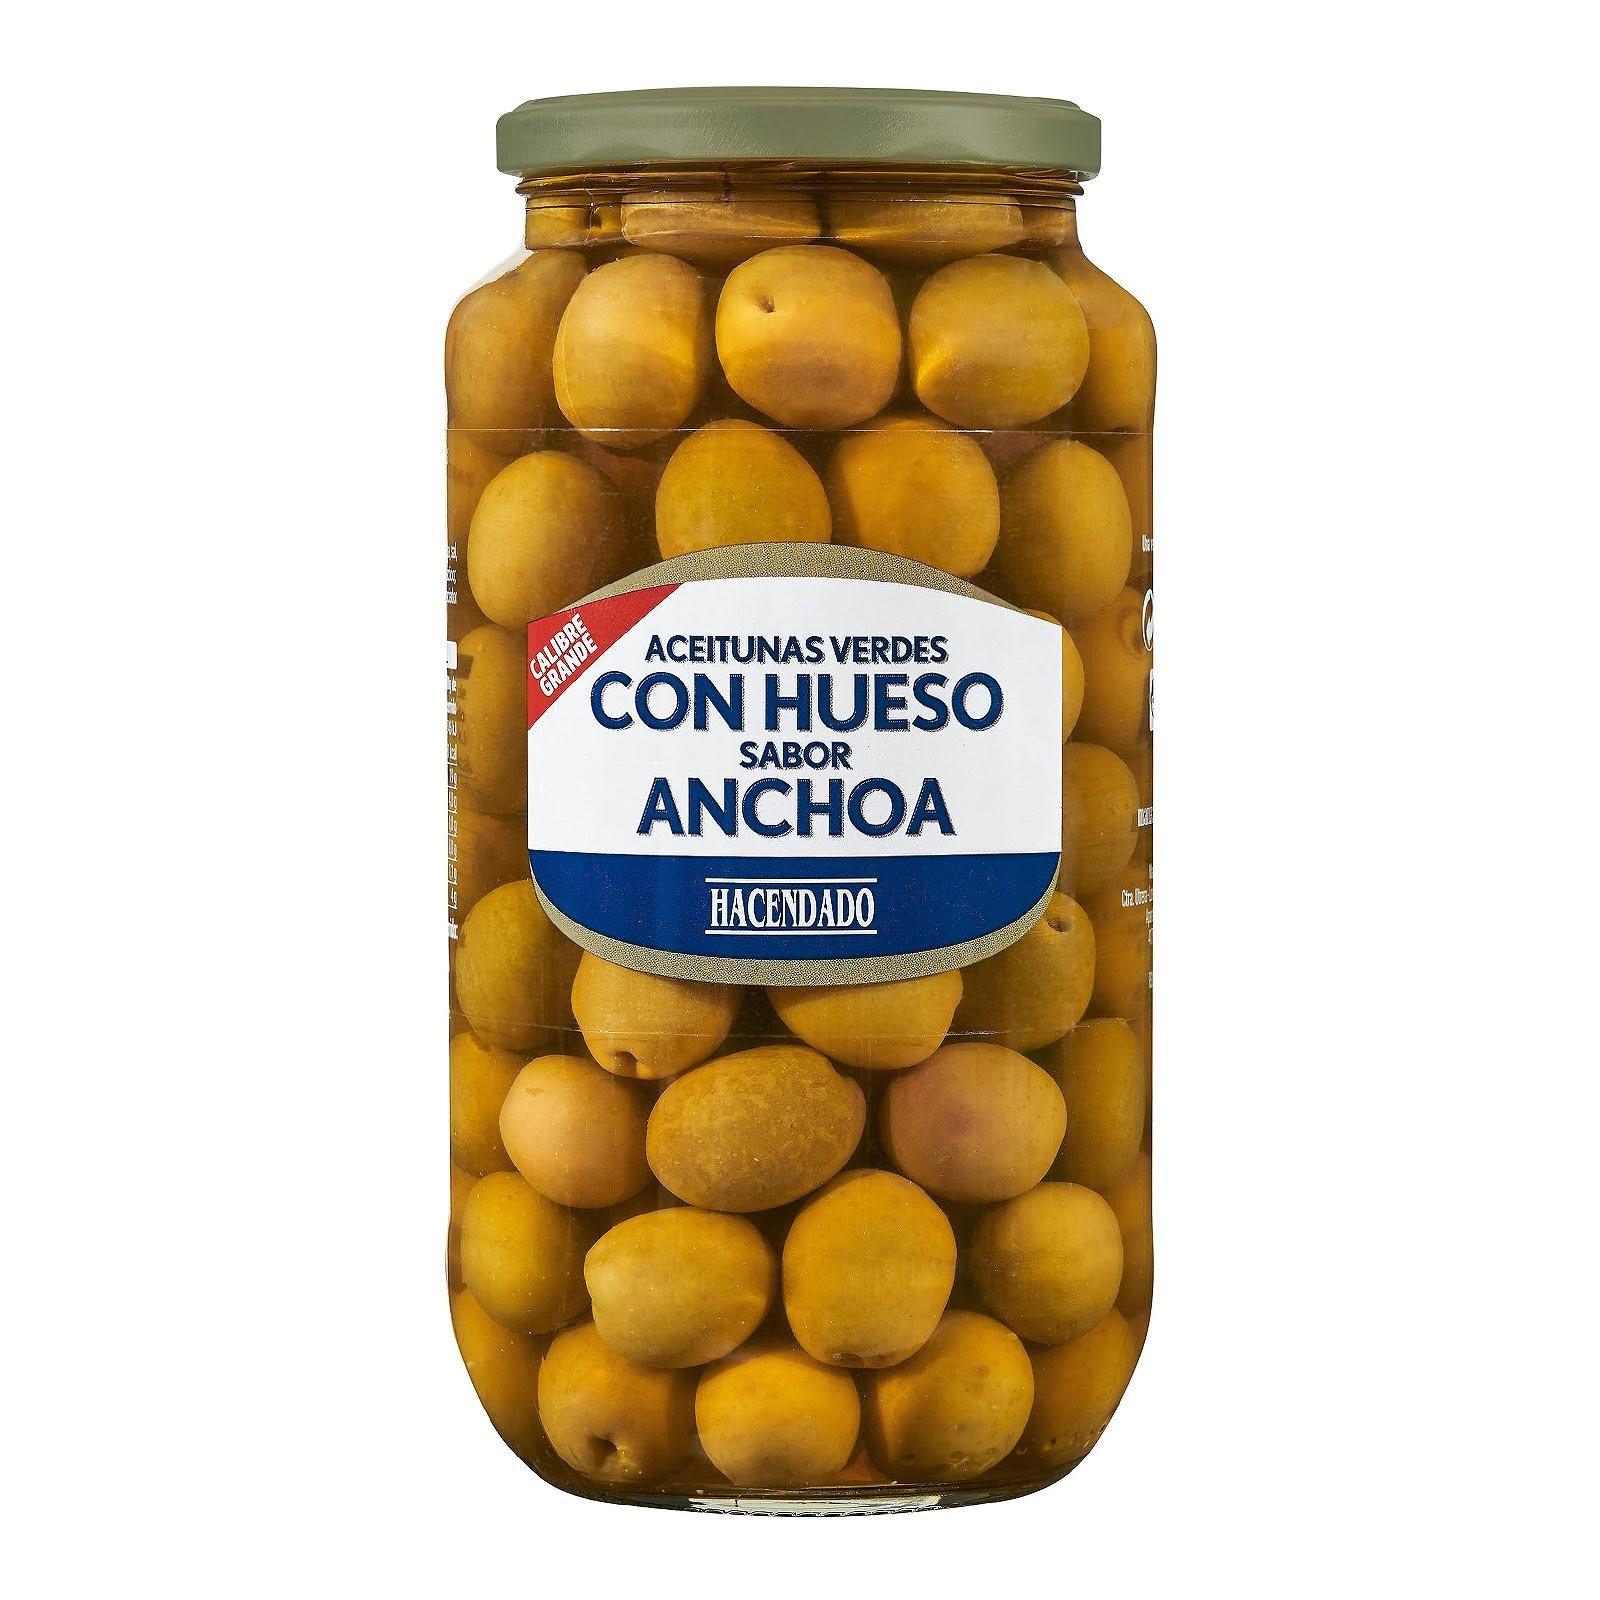 Aceitunas verdes manzanilla con hueso sabor anchoa calibre grande Hacendado